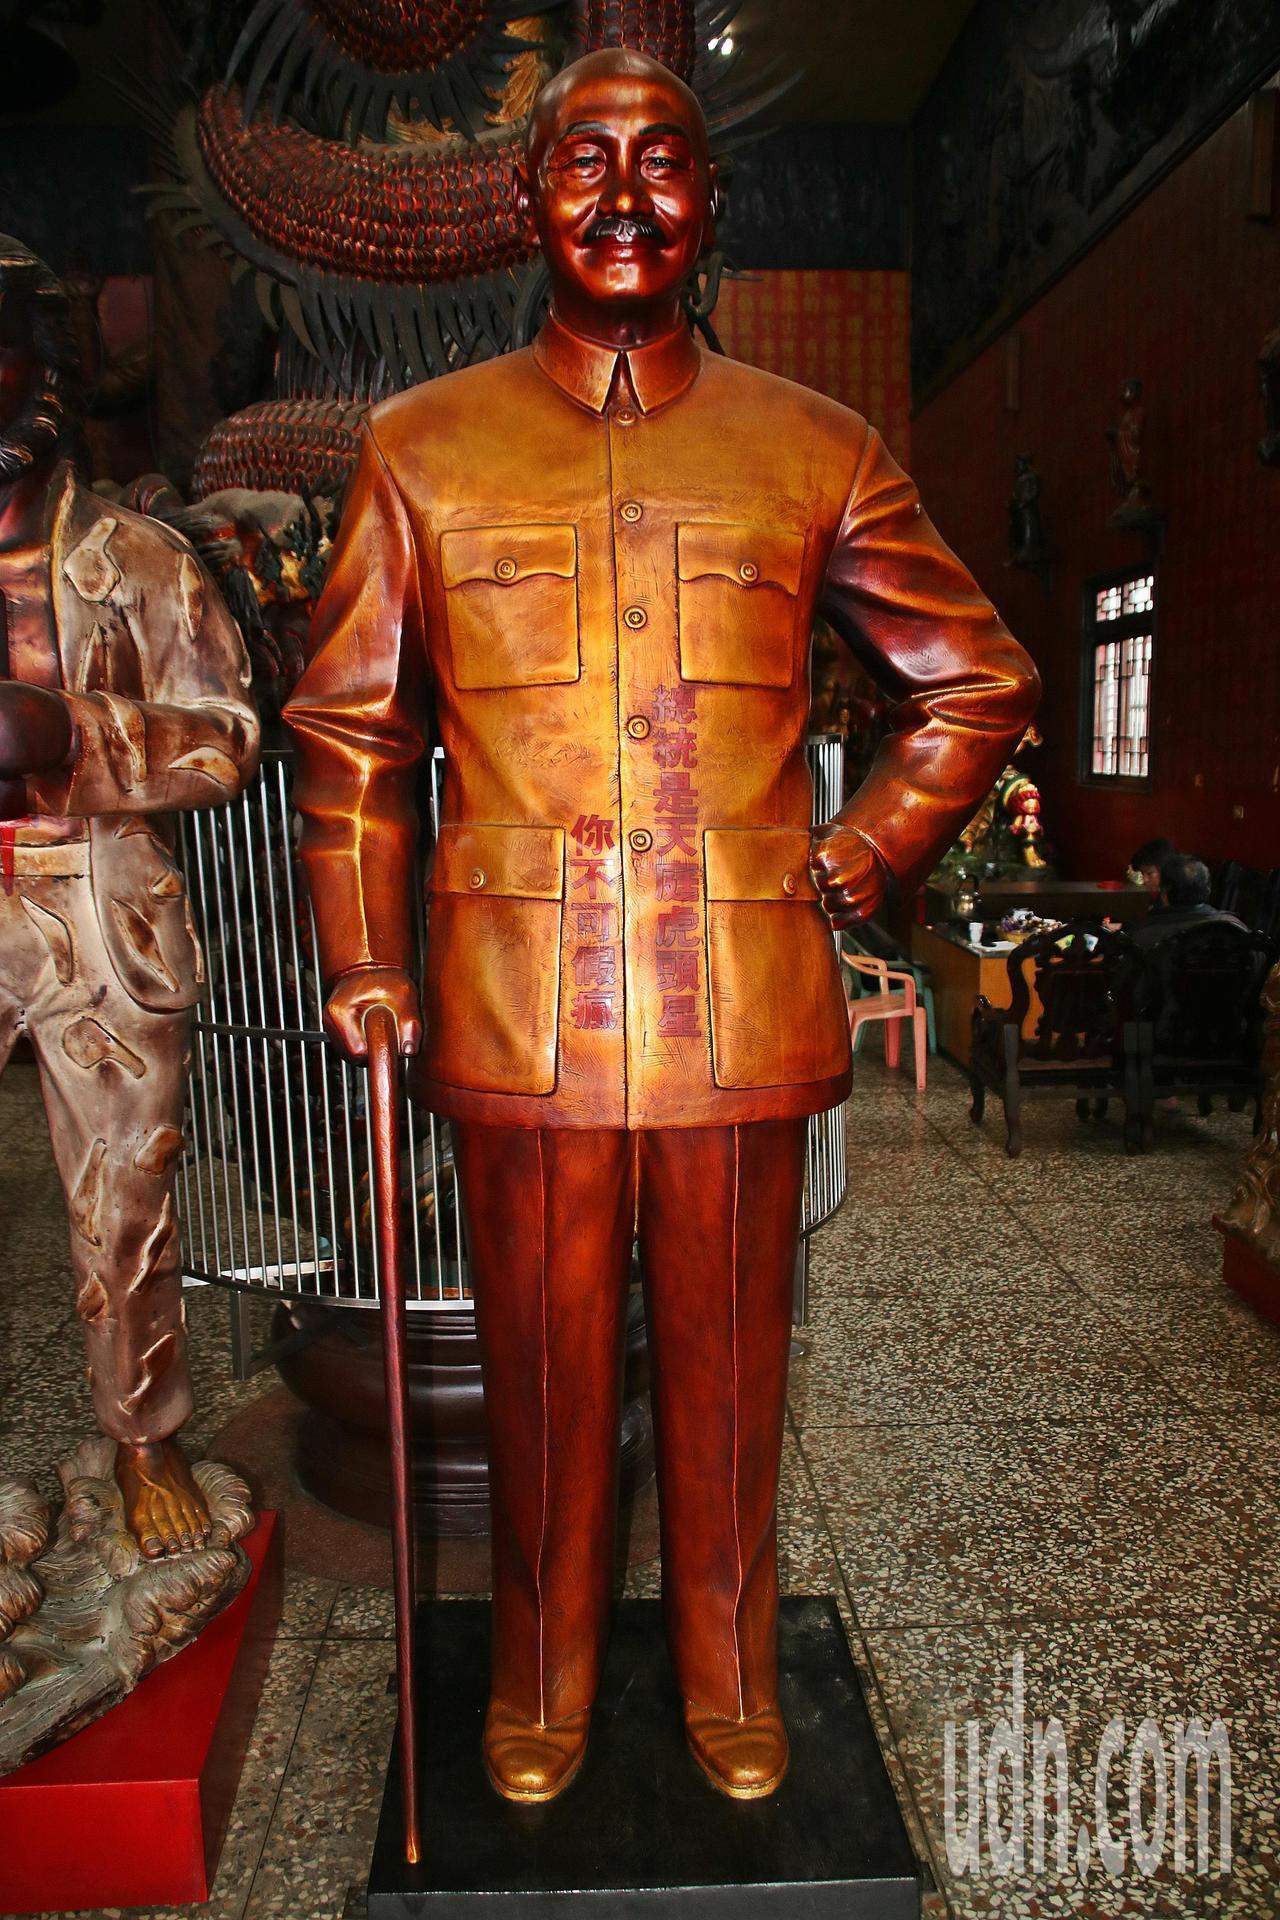 寺方後來在蔣公銅像上添了「總統是天庭虎頭星 你不可假瘋」等語,告訴民眾銅像已是神...